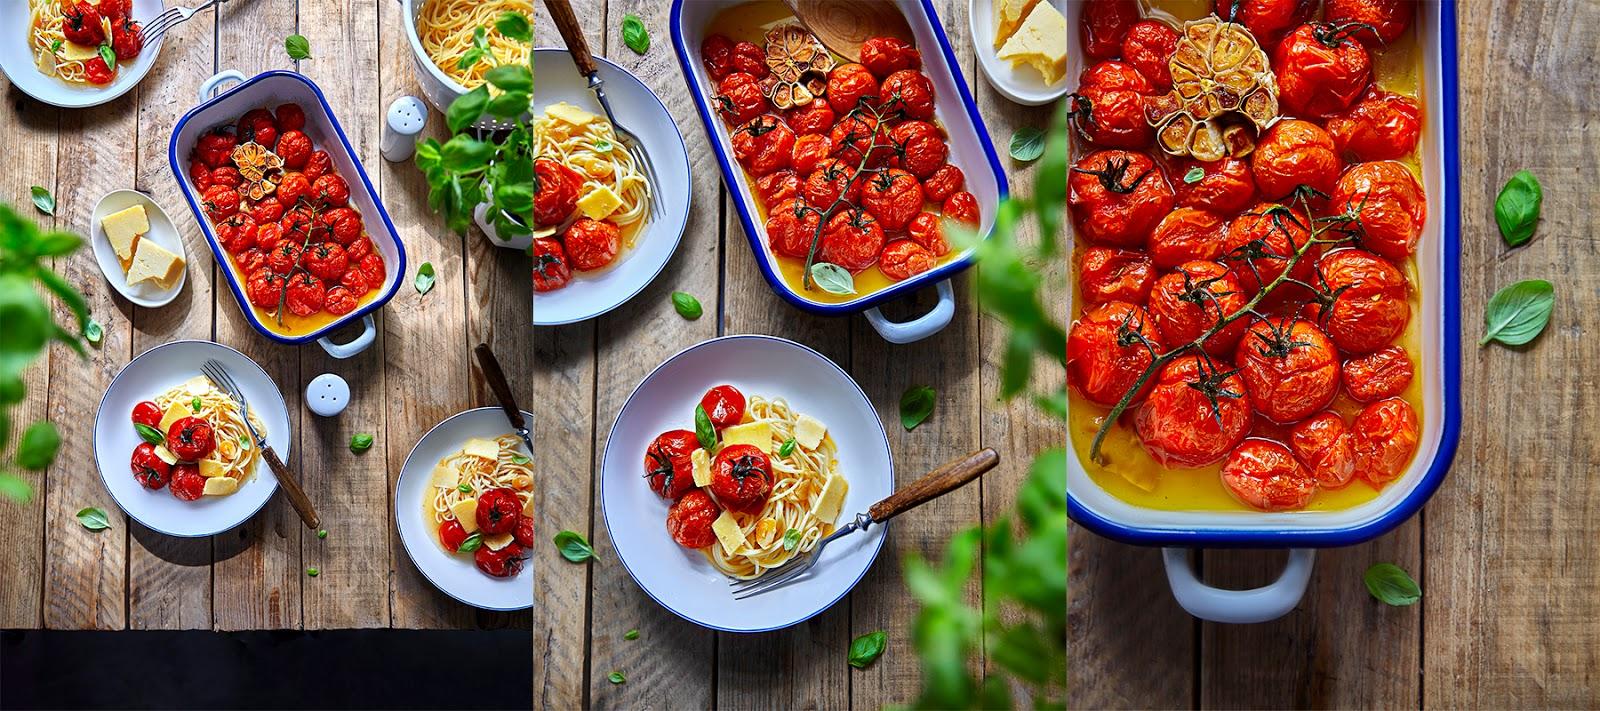 pieczone pomidory, pomidory z piekarnika, pomidory z czosnkiem, pomidory pieczone z winem, kraina miodem płynąca, fotograf kulinarny szczecin